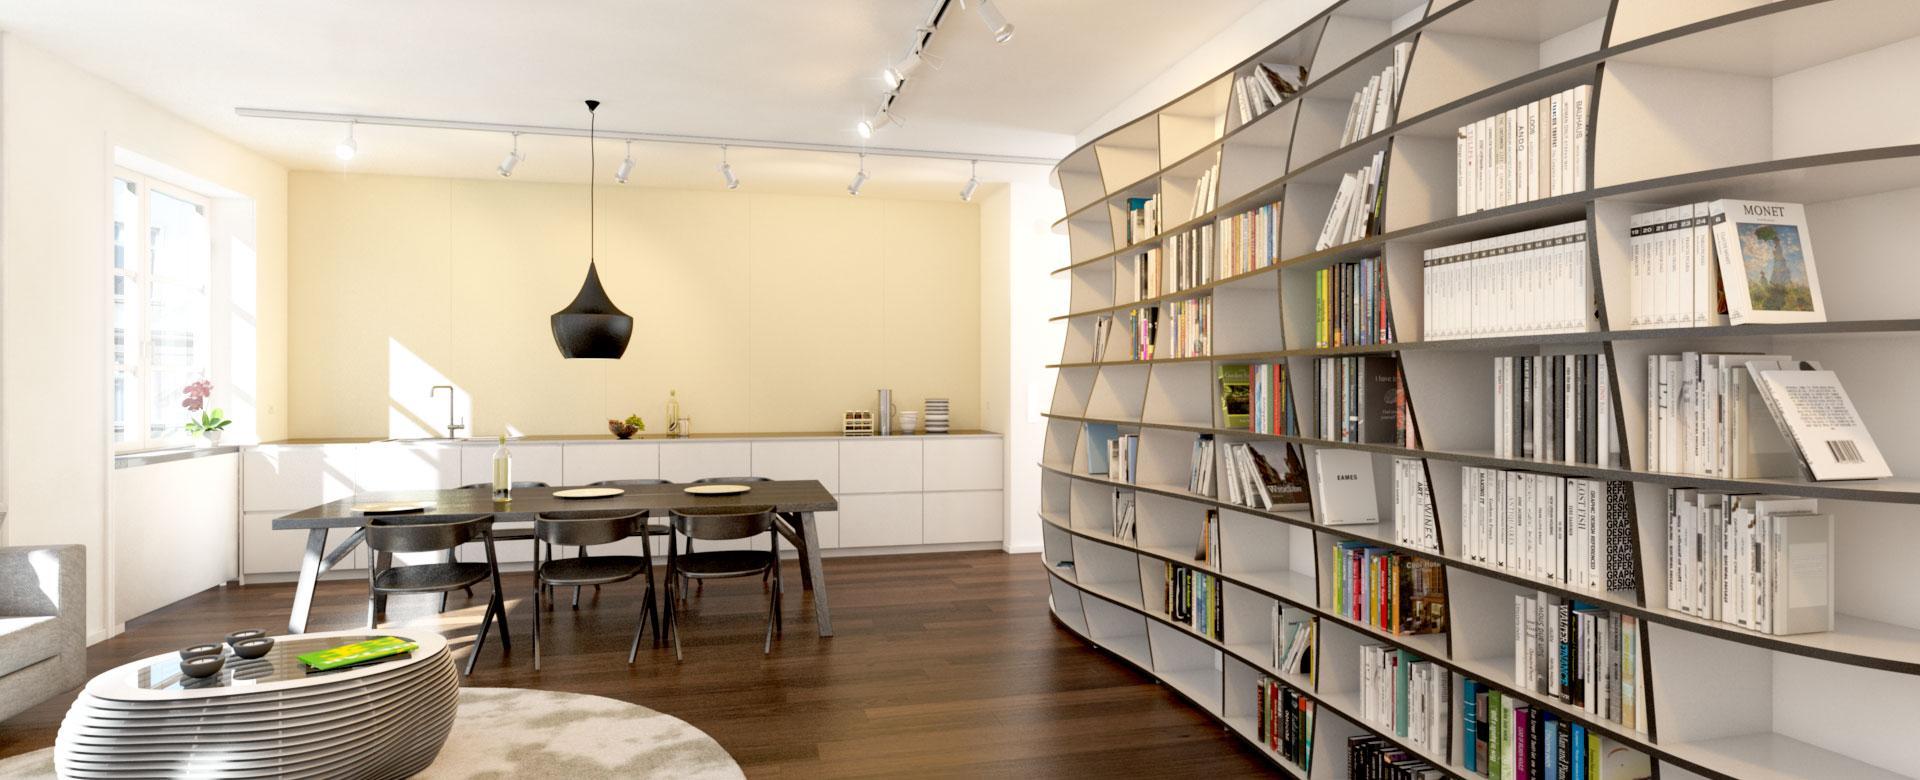 Designermöbel regal  Designermöbel • Bilder & Ideen • COUCHstyle